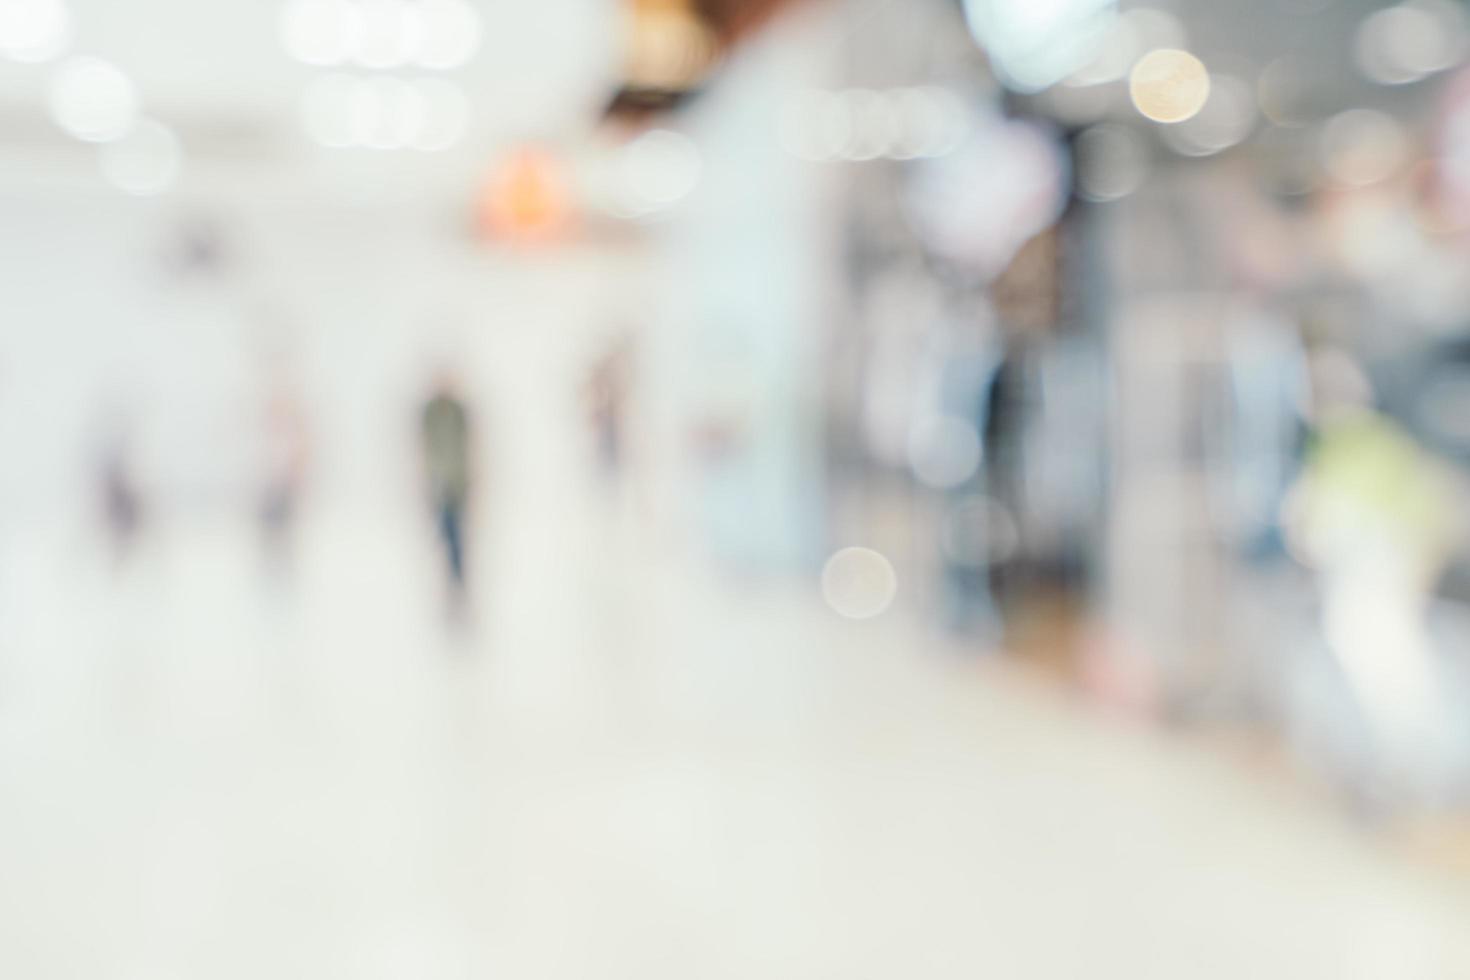 abstrakter defokussierter Einkaufszentruminnenhintergrundhintergrund foto